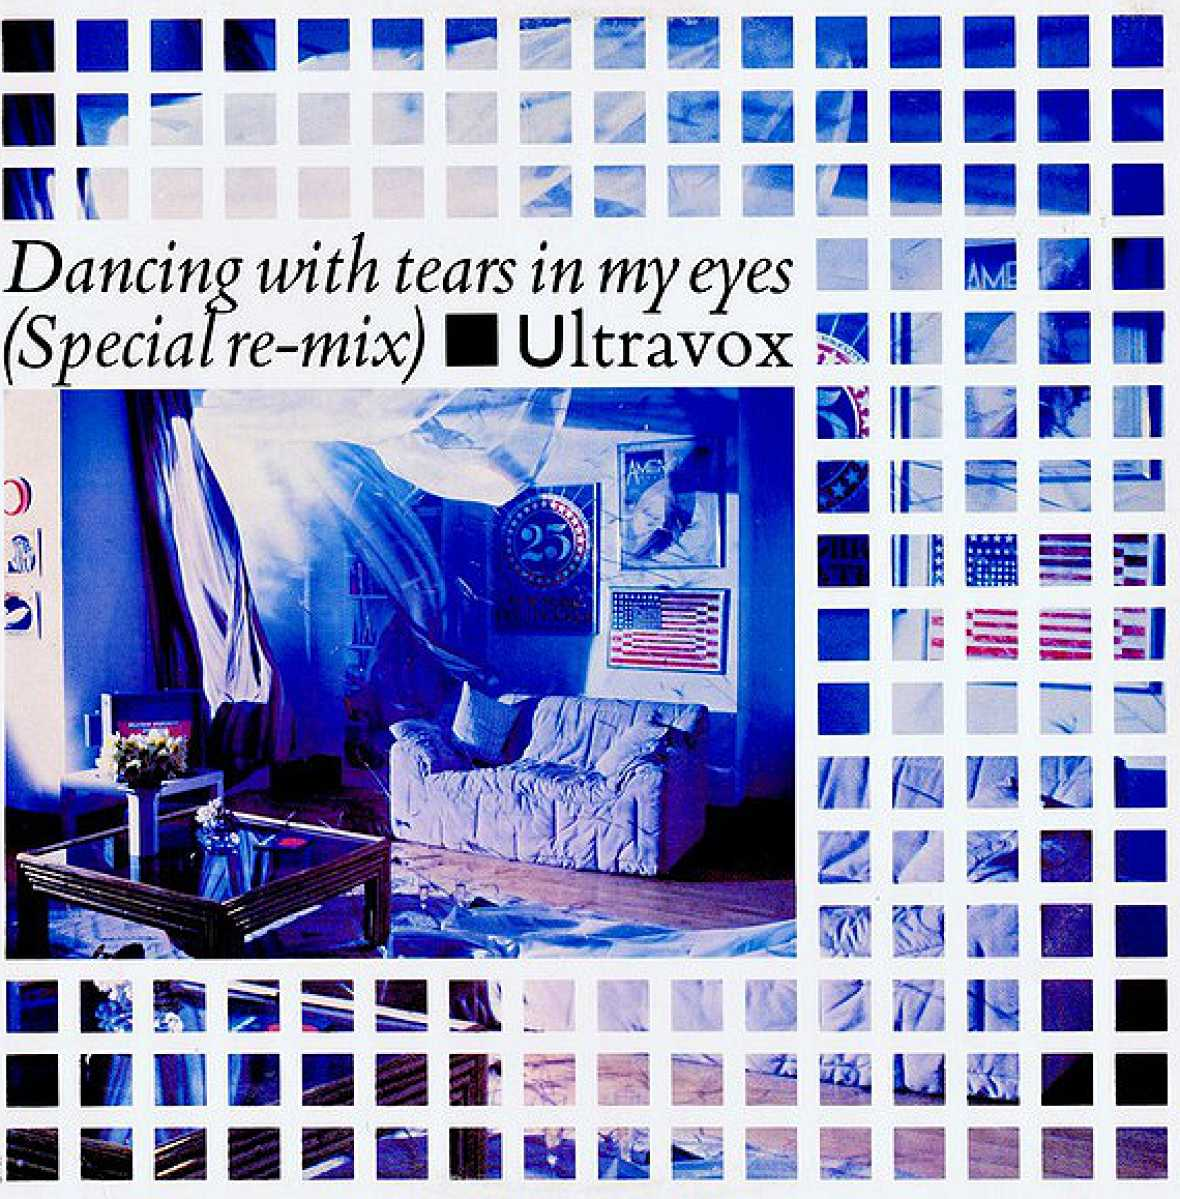 Próxima parada - Ultavox y su inmortal 'Dancing with tears in my eyes' - 13/06/16 - Escuchar ahora